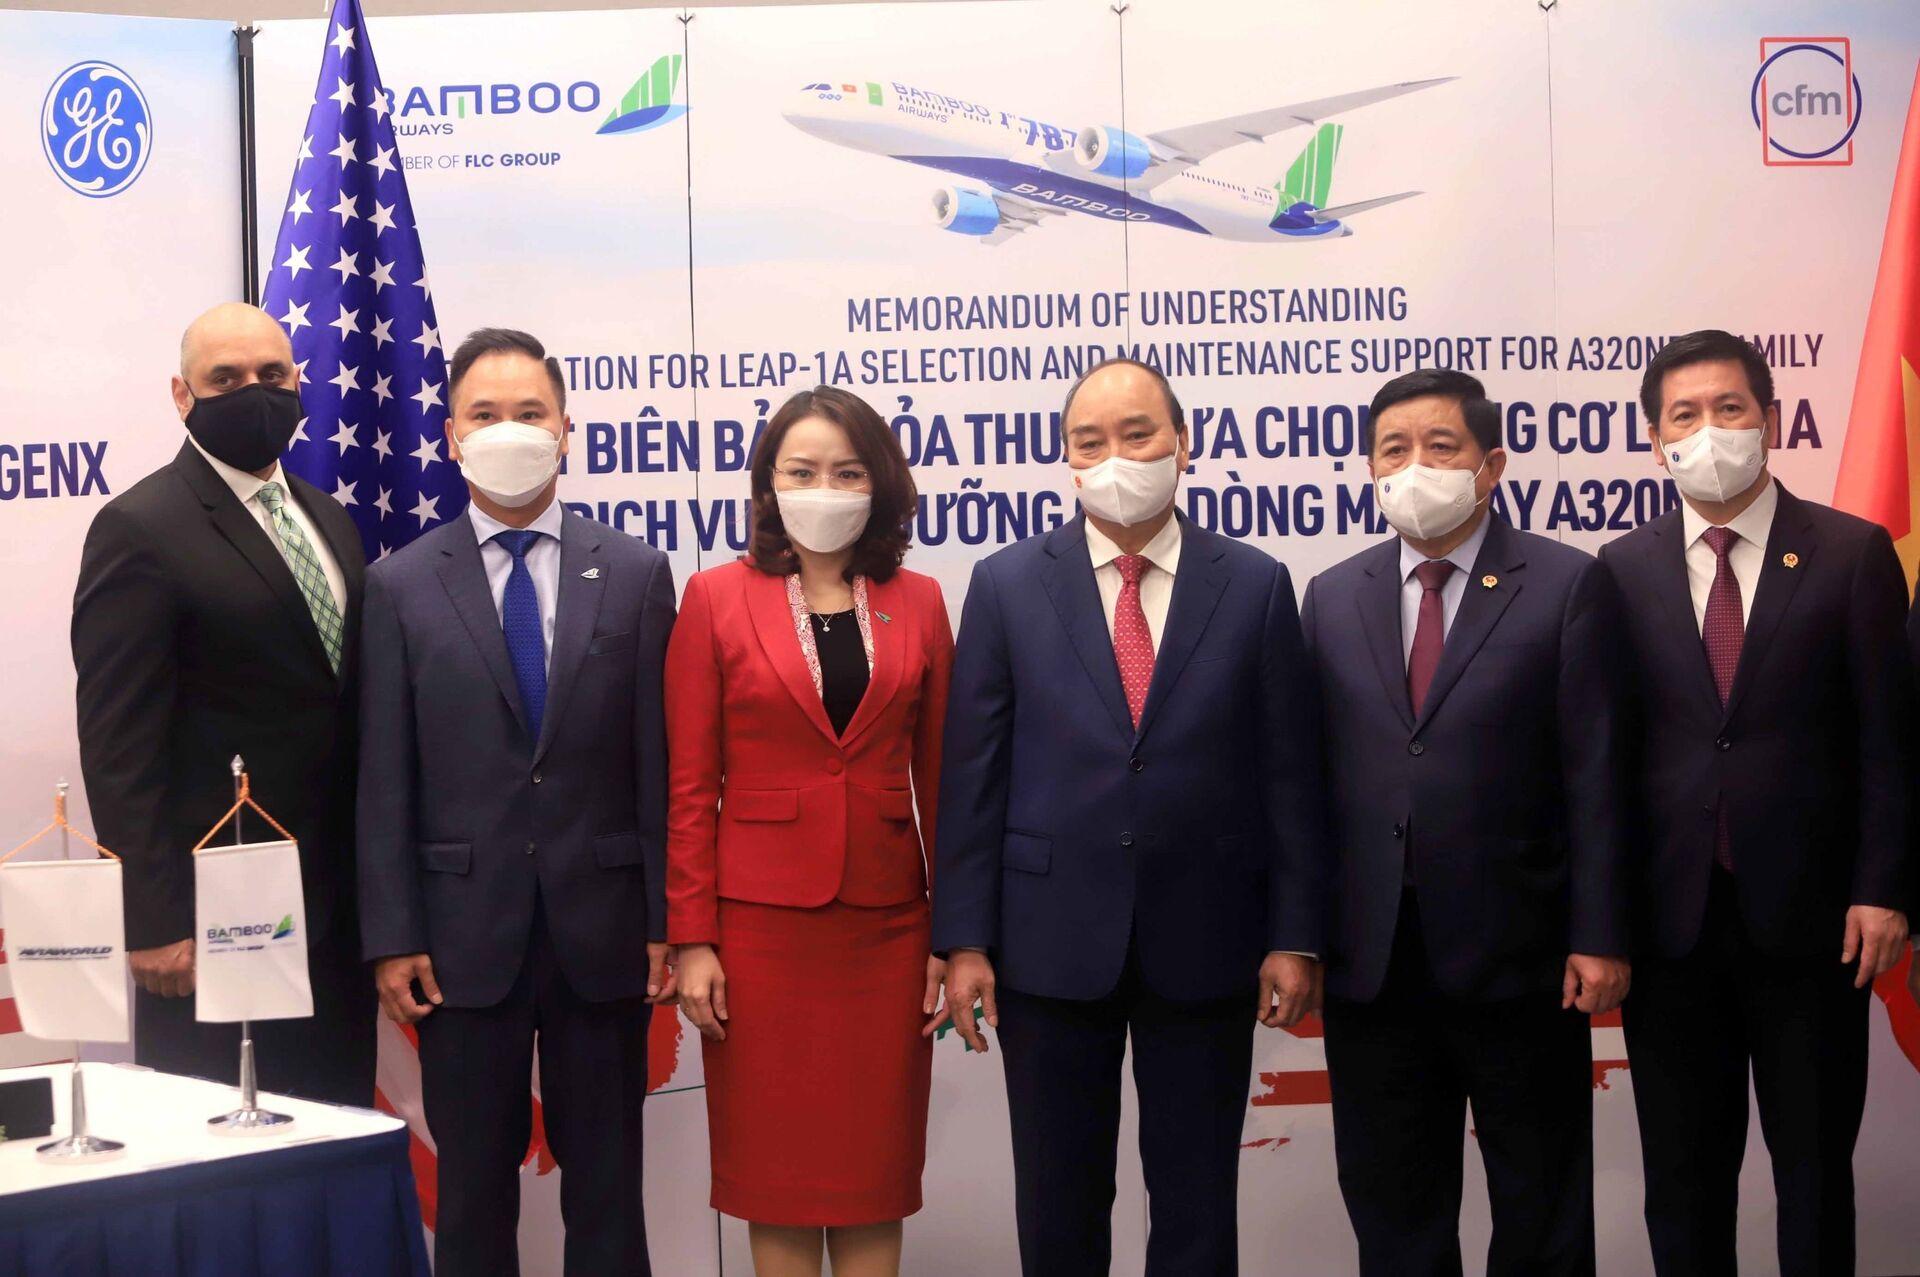 Sáng 21/9/2021, tại thành phố New York, Hoa Kỳ, Chủ tịch nước Nguyễn Xuân Phúc chứng kiến Lễ ký văn kiện hợp tác giữa Bamboo Airways và các đối tác GE, CFM International, AviaWorld LCC. - Sputnik Việt Nam, 1920, 05.10.2021